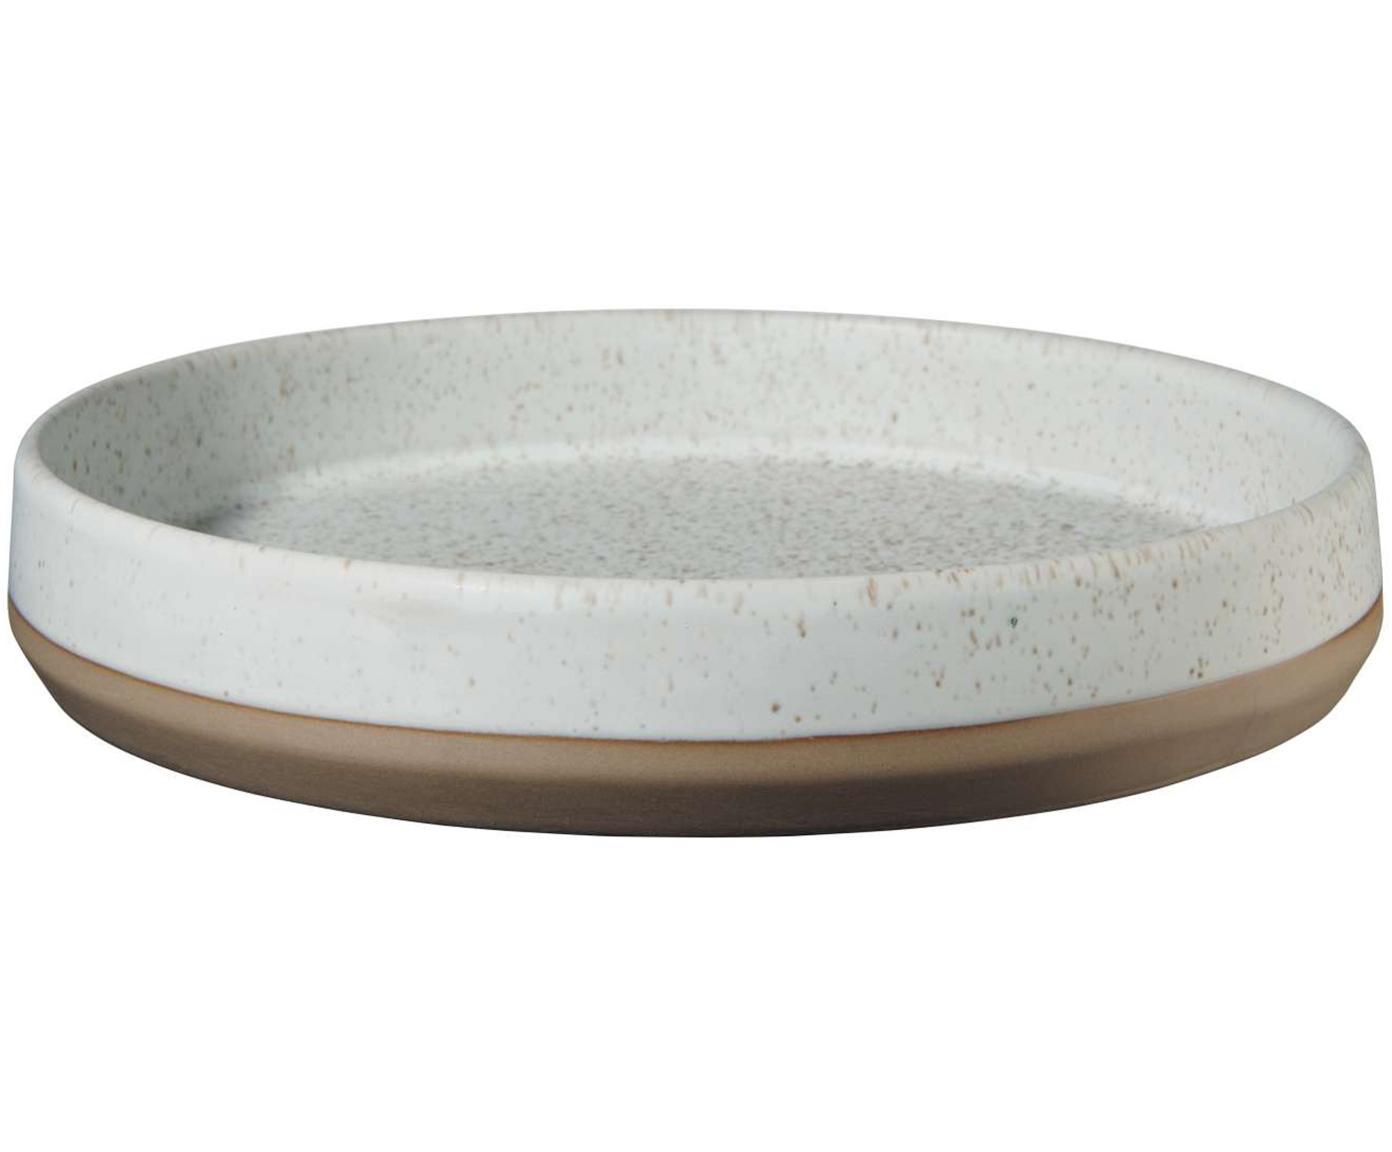 Schalen Caja in Braun/Beige matt, 2 Stück, Terrakotta, Braun- und Beigetöne, Ø 21 cm